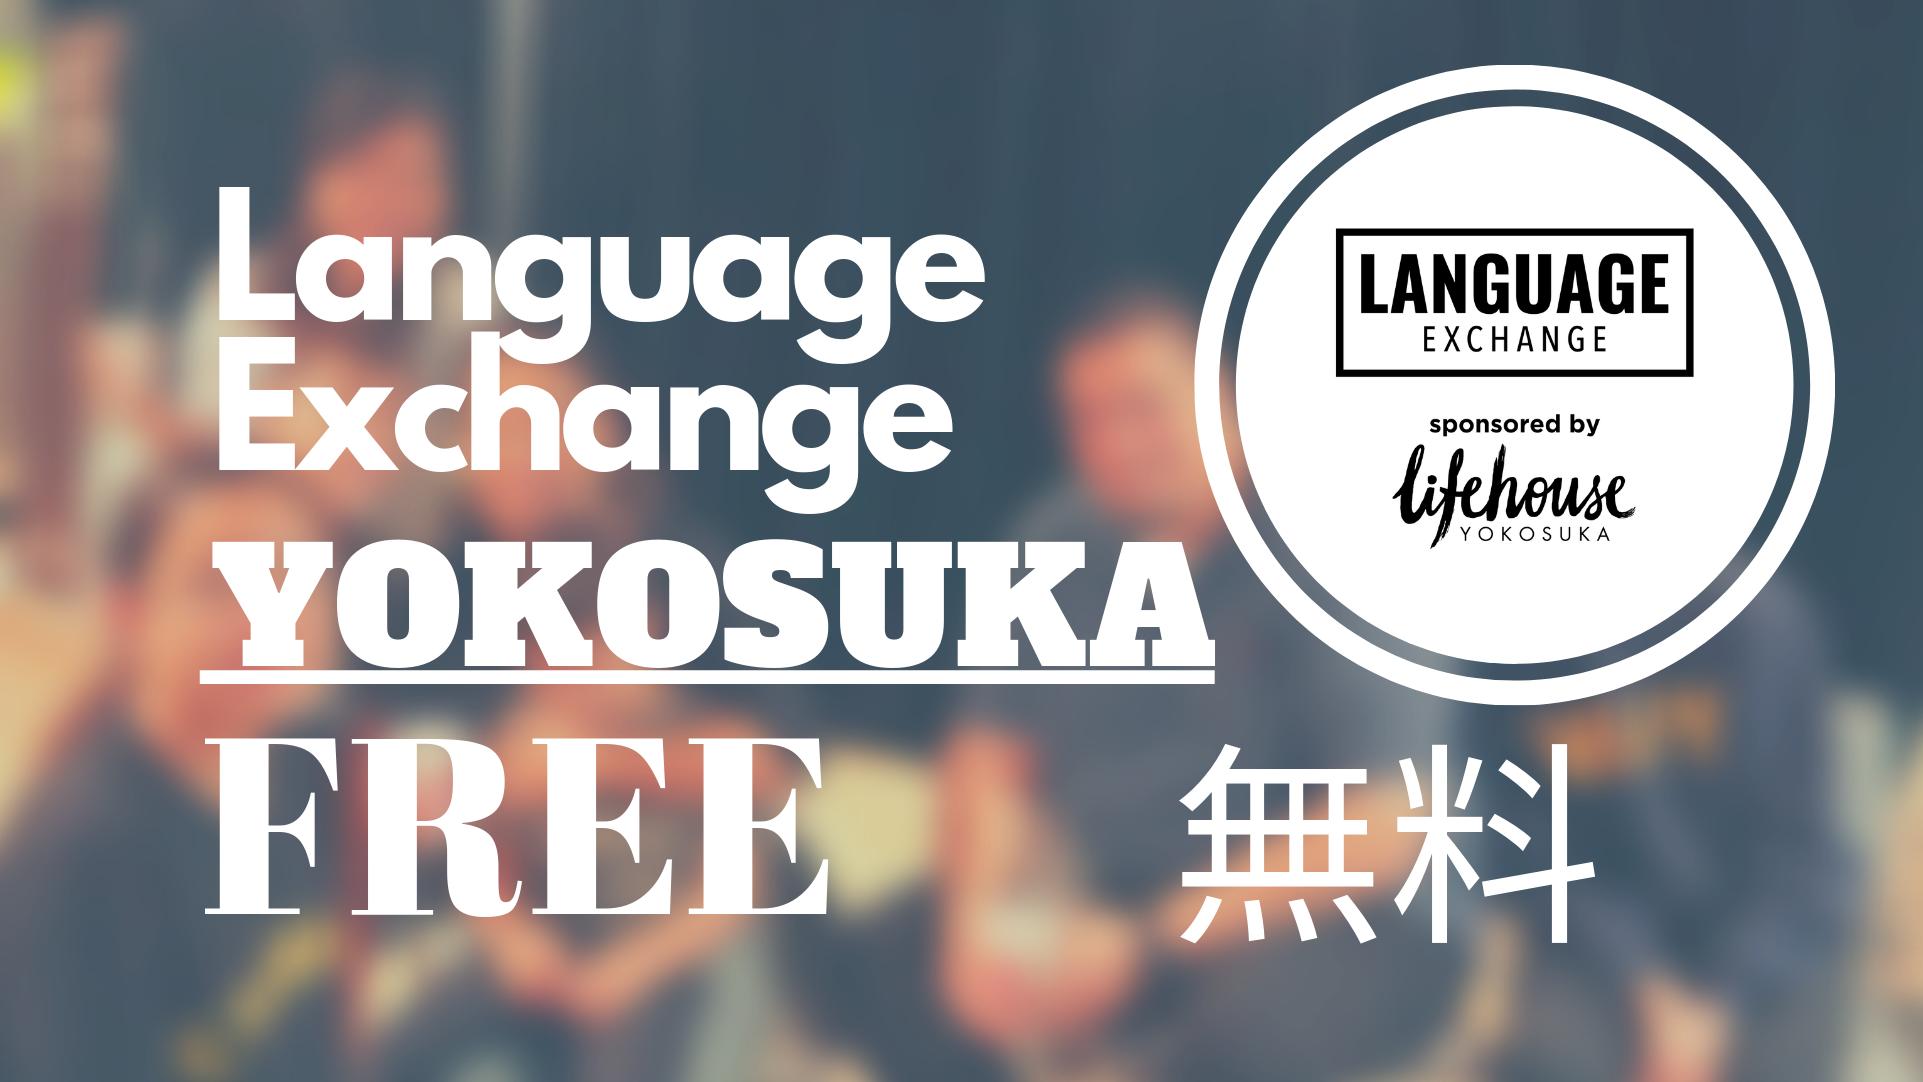 Language Exchange Yokosuka